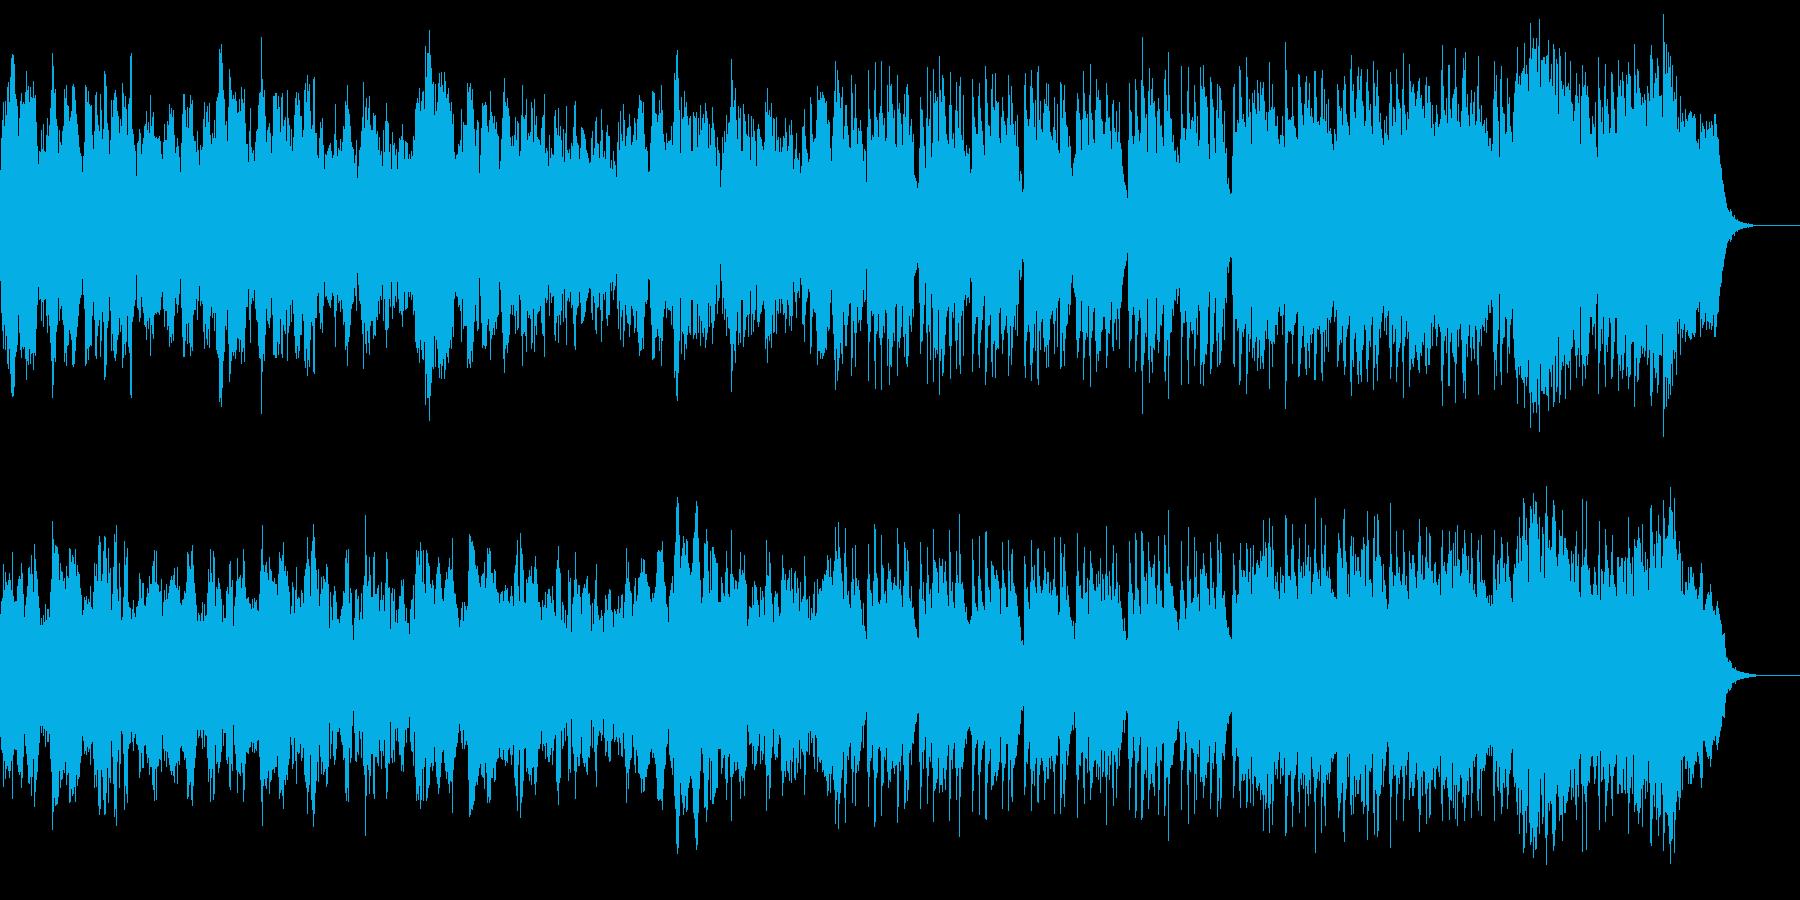 壮大なオーケストラ 決戦前夜の再生済みの波形